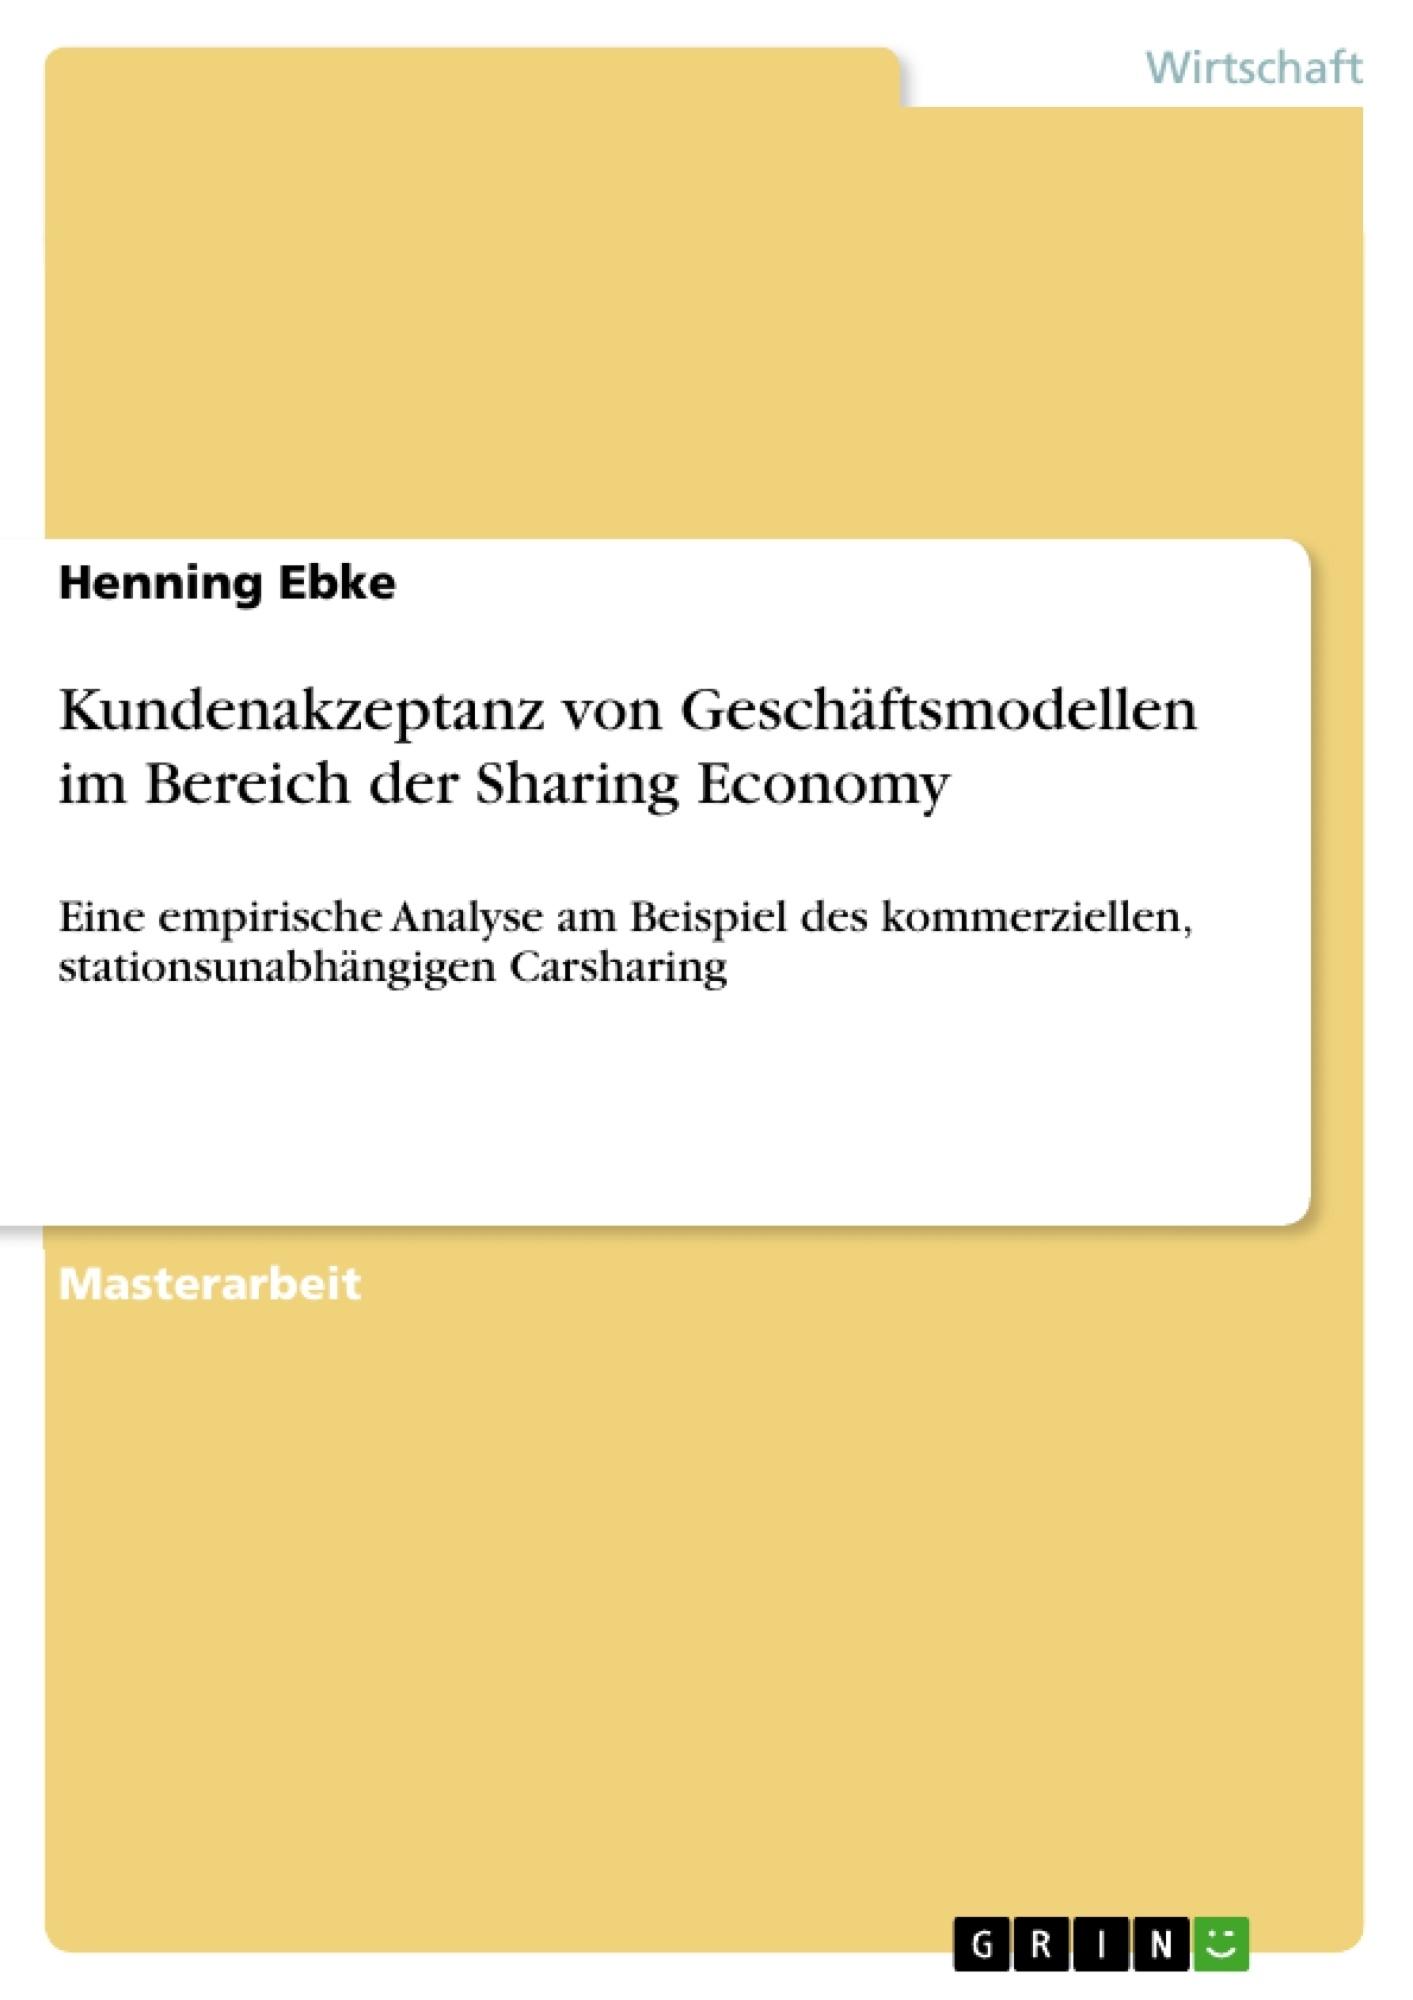 Titel: Kundenakzeptanz von Geschäftsmodellen im Bereich der Sharing Economy